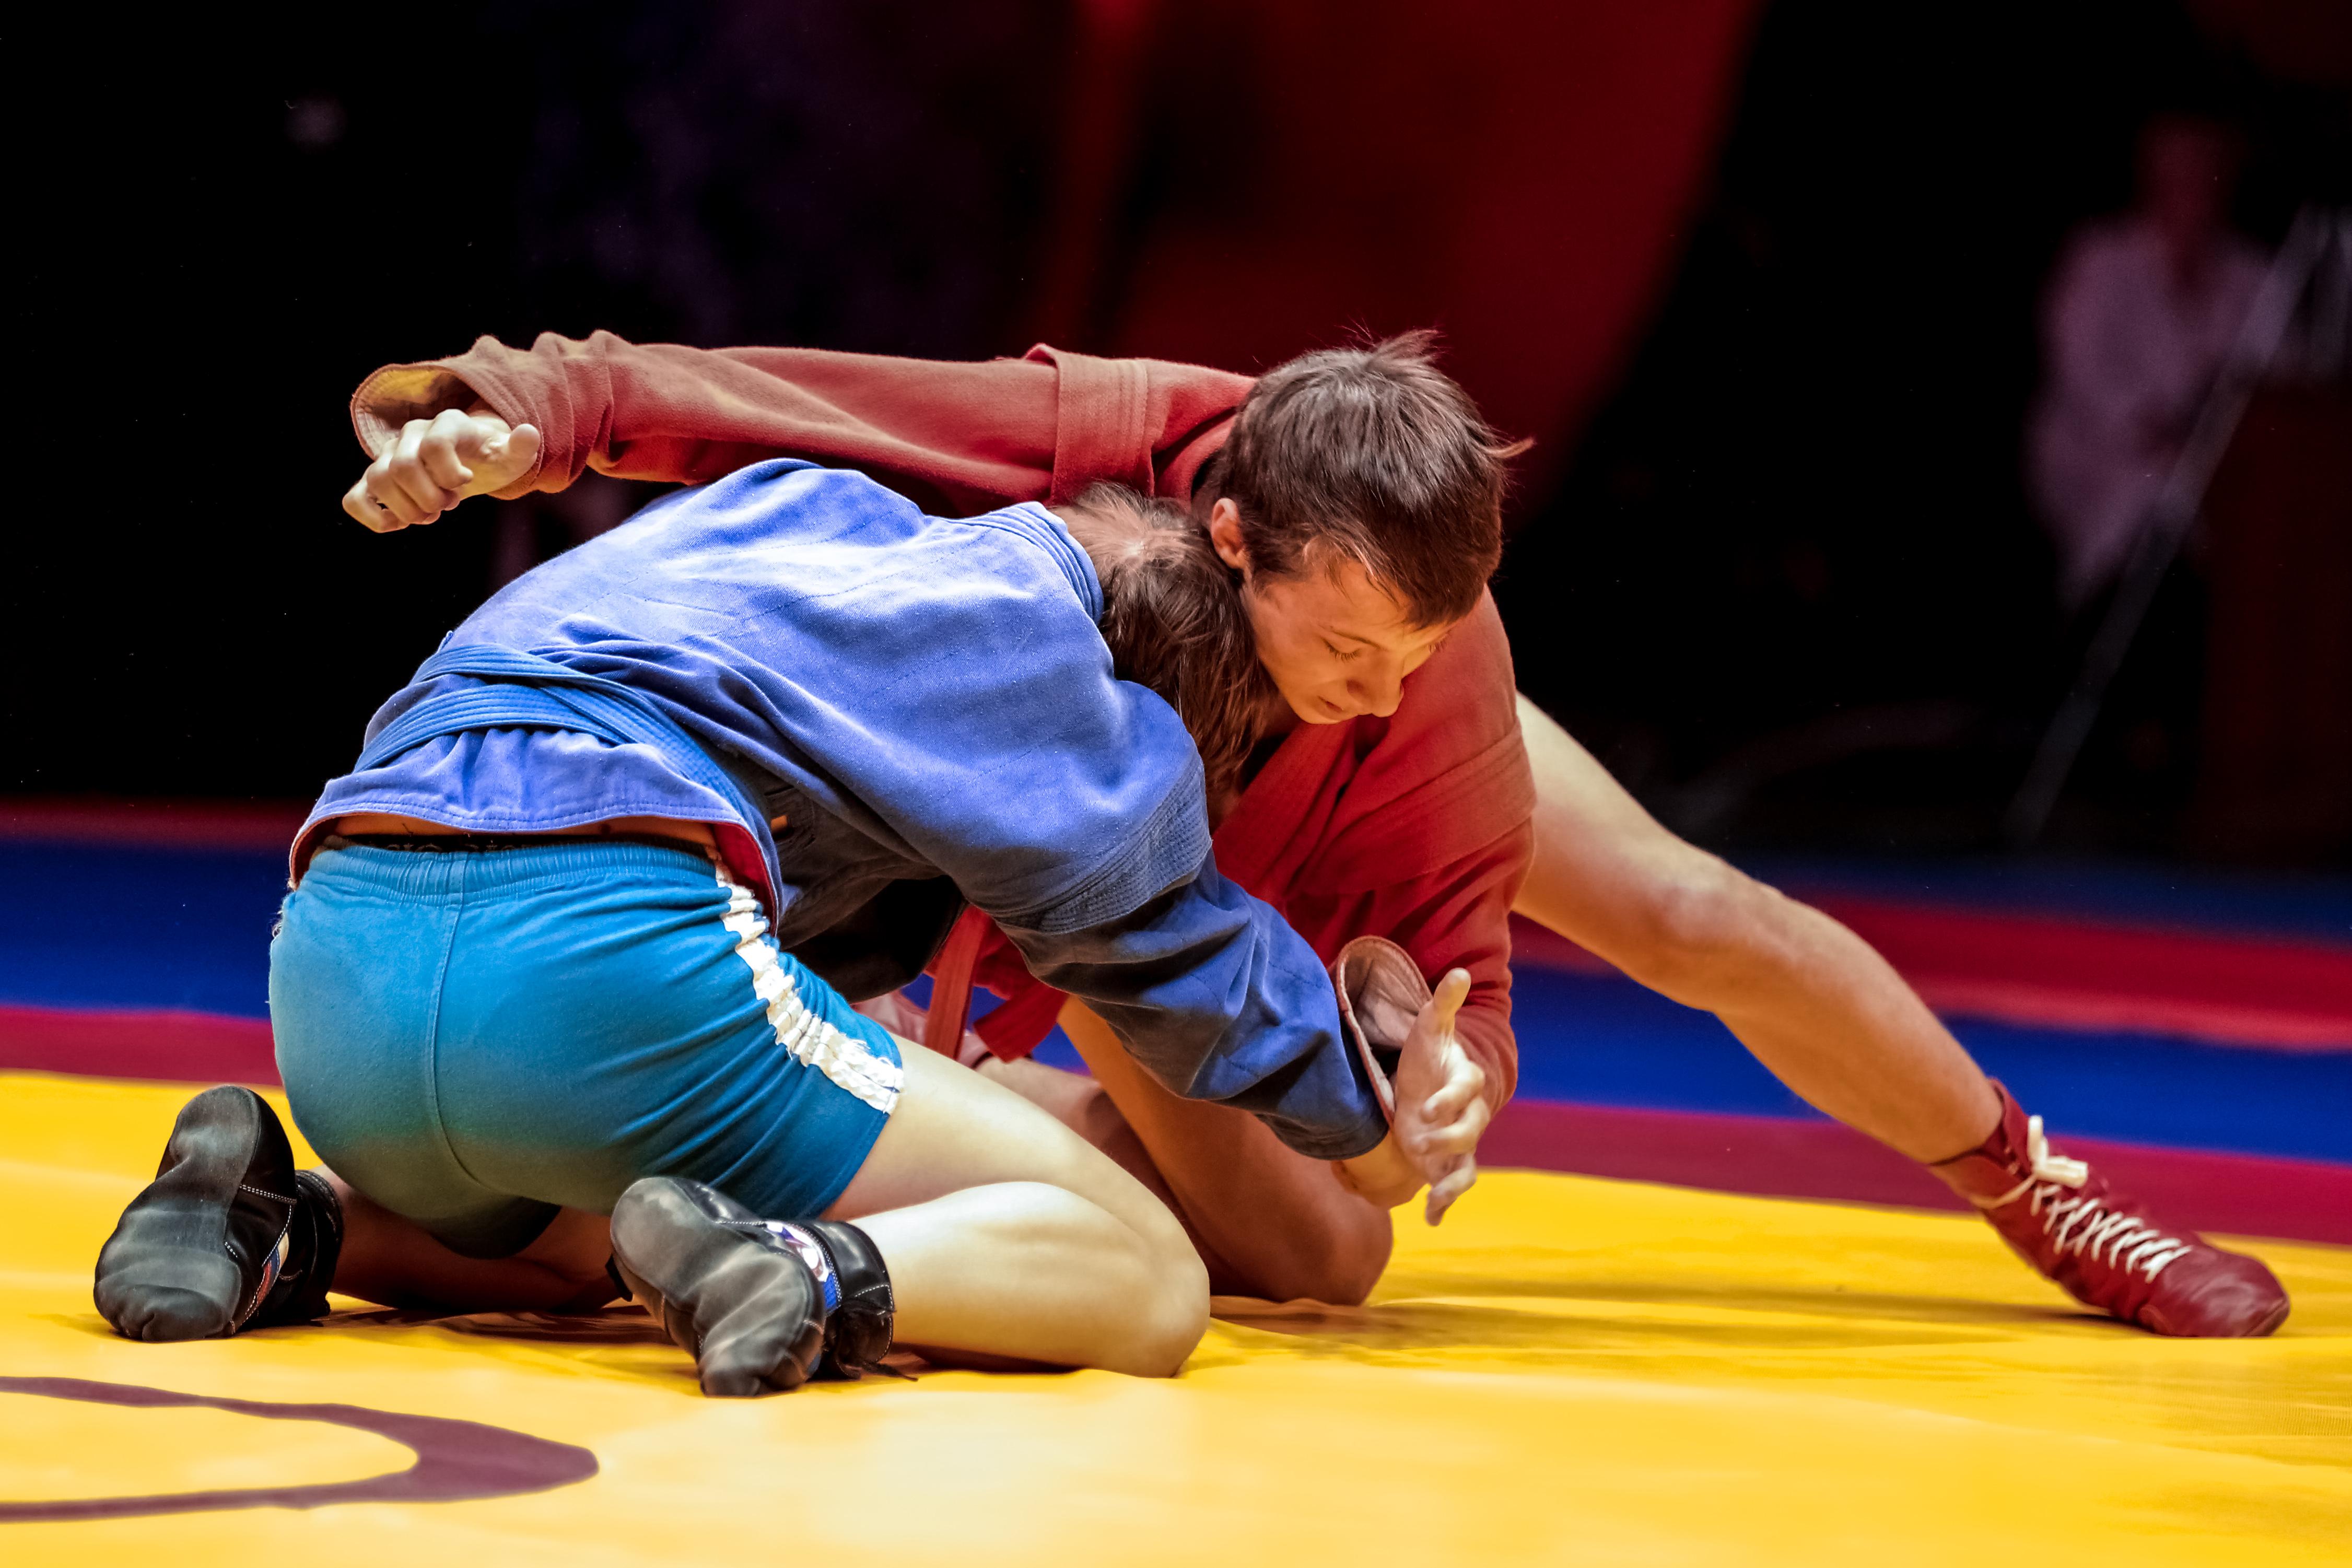 Чемпионат России по самбо среди студентов пройдет в Кстово с 27 по 29 апреля